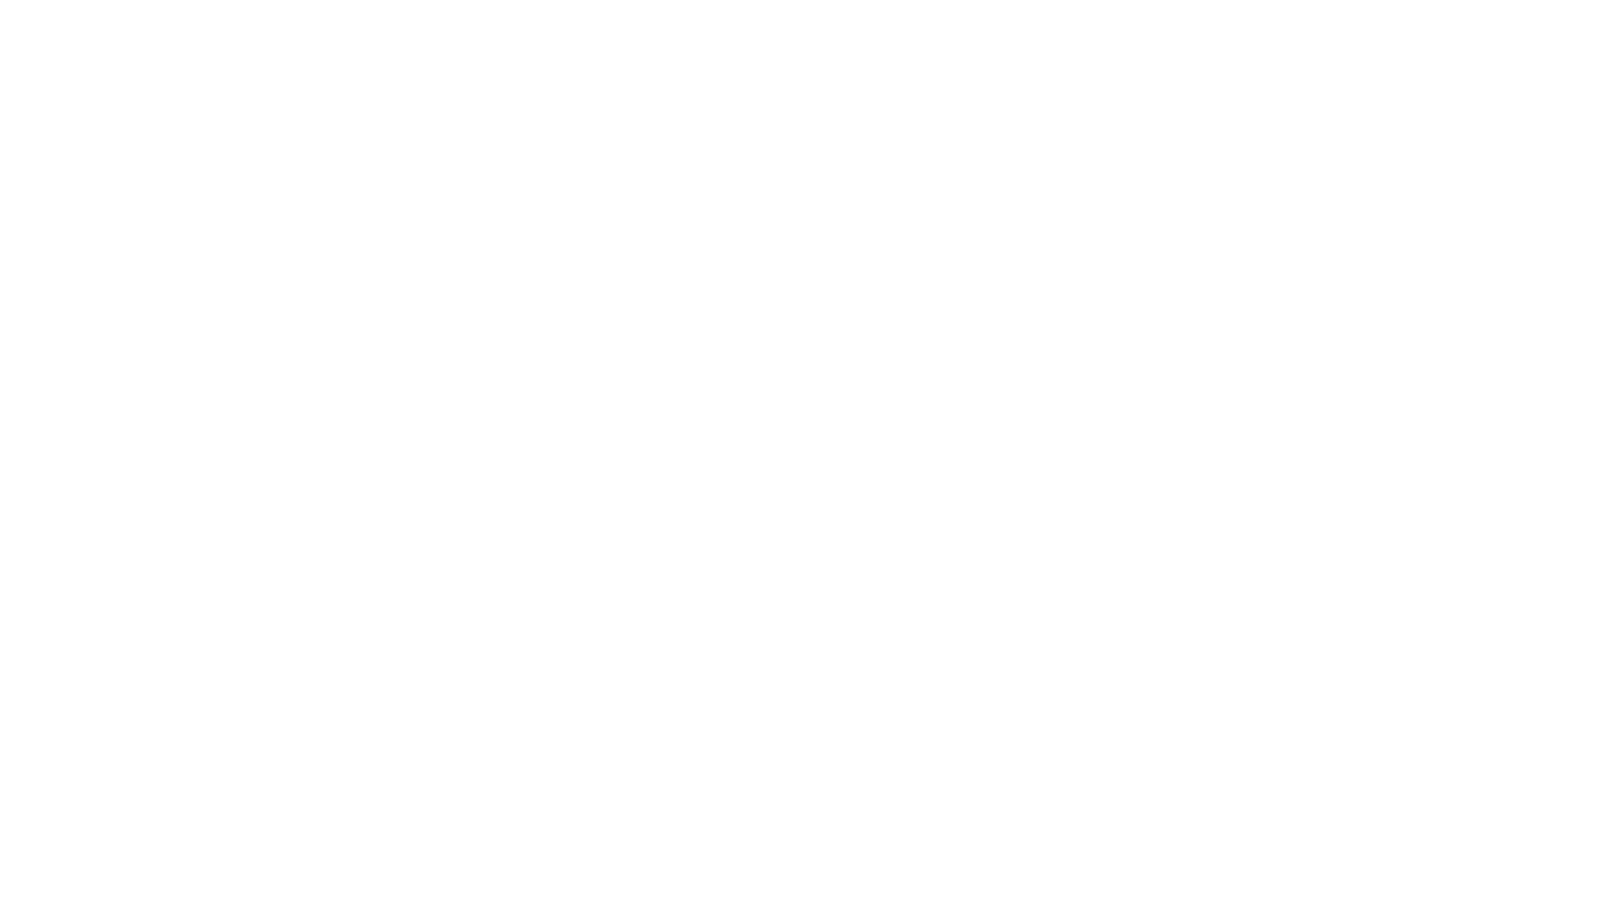 """שיעור זה הועלה ע""""י ארגון אזמרה לזיכוי הרבים ולחיזוק רוחו ומעשיו של כל ישראל  השיעור הבא של הרב יכול להיות בבית שלך להזמנת שיעור ניתן להתקשר למשרד הארגון  אם גם אתם מעוניינים להיות שותפים ולזכות במצוות זיכוי הרבים ניתן לתרום דרך האתר באמצעות כרטיס אשראי הפצת כתובת אתר הארגון www.azamra.co.il  אחראי שיעורים ומענה לציבור - 053-313-8400  רישום לקבלת דיוור שבועי במייל או לקבלת חיזוקים יומיים בווטסאפ - eli.gudlevsky@gmail.com  עותקים עם הקדשה ניתן להזמין במייל eli.gudlevsky@gmail.com"""